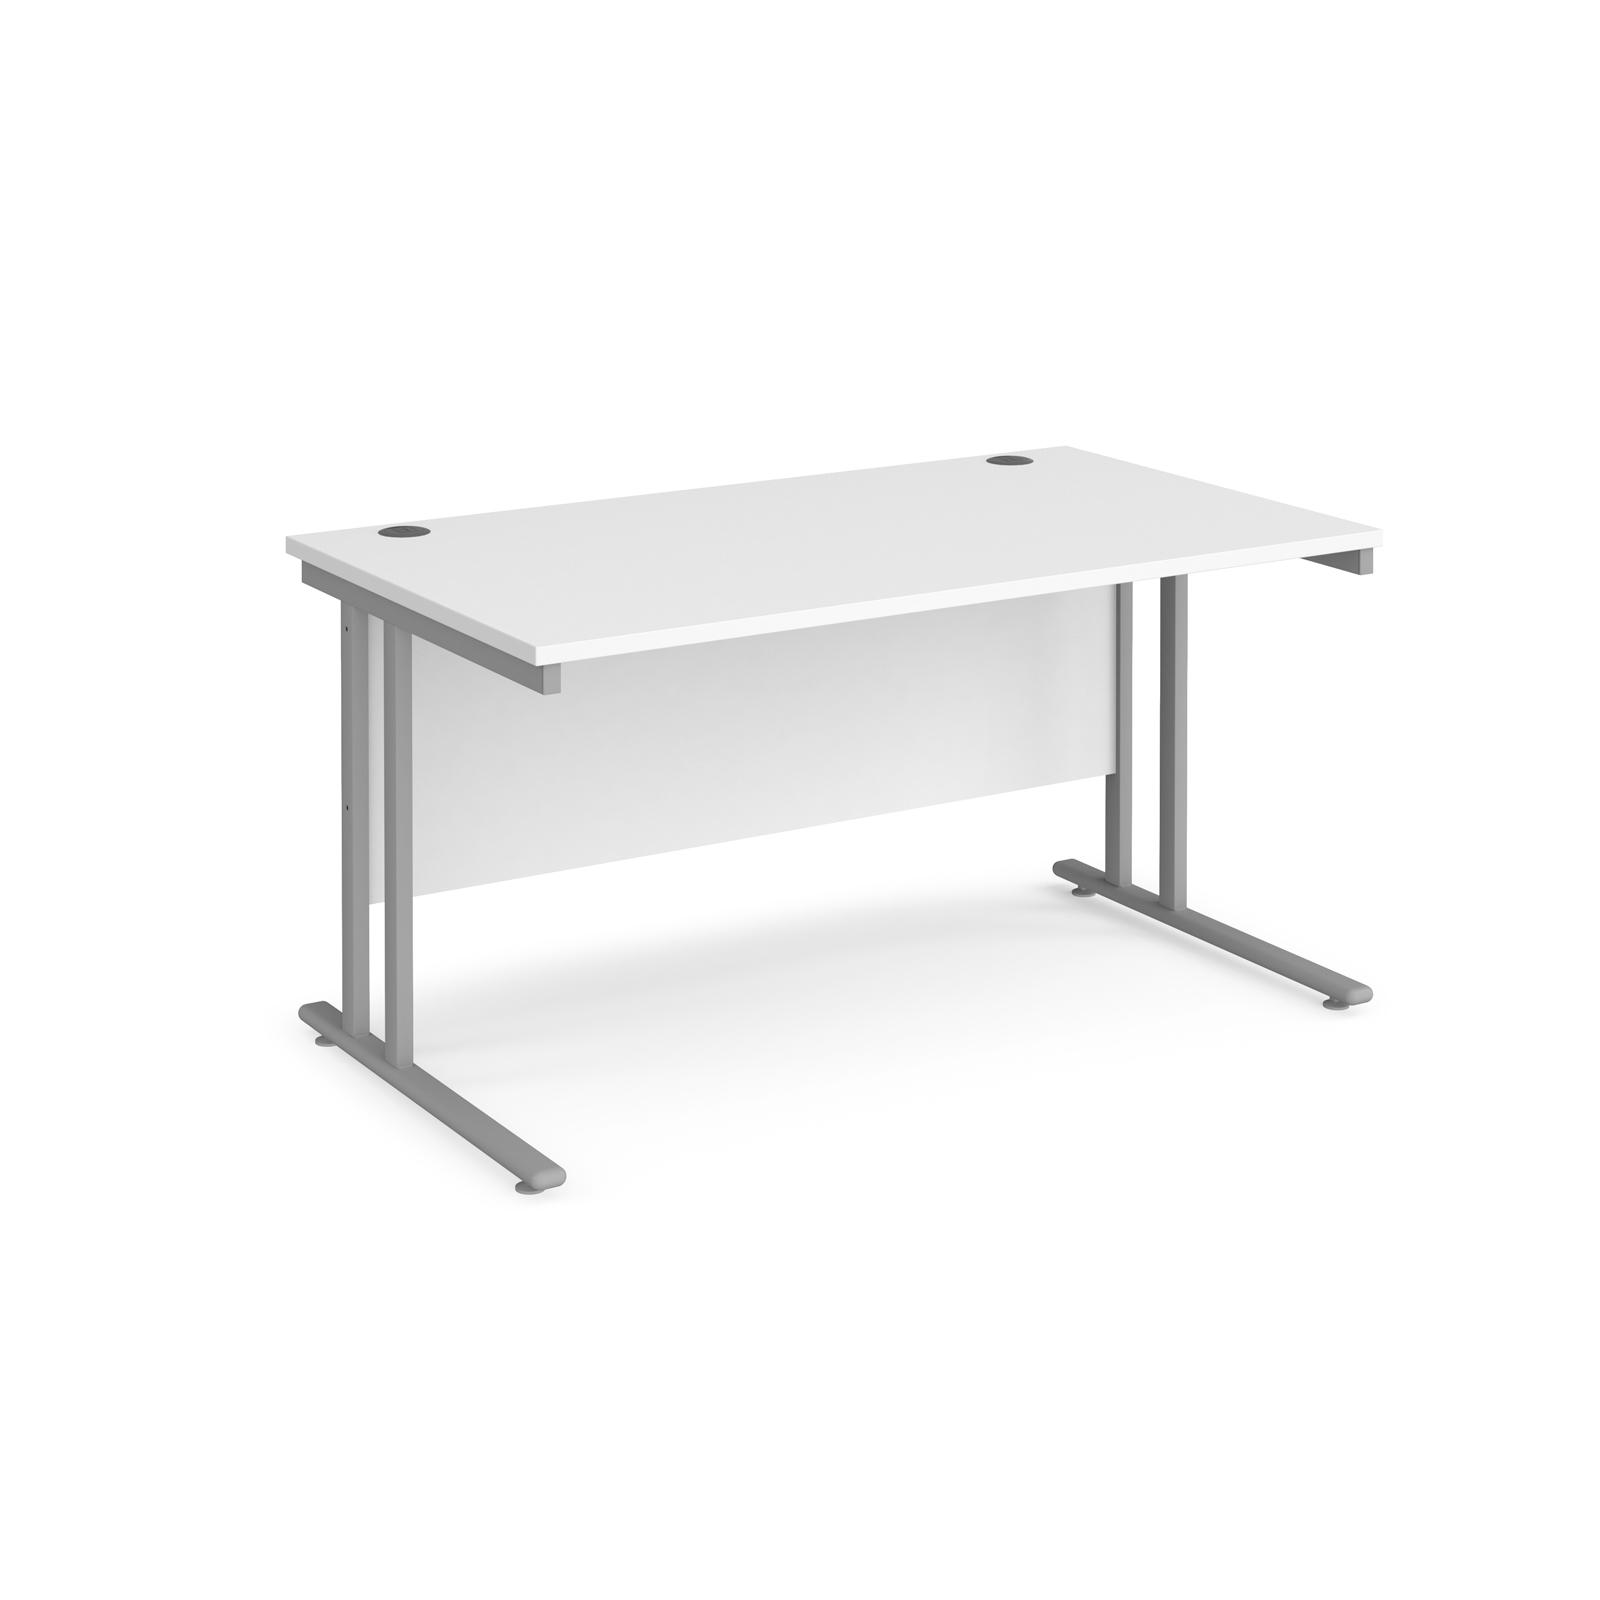 Rectangular Desks Maestro 25 straight desk 1400mm x 800mm - silver cantilever leg frame, white top